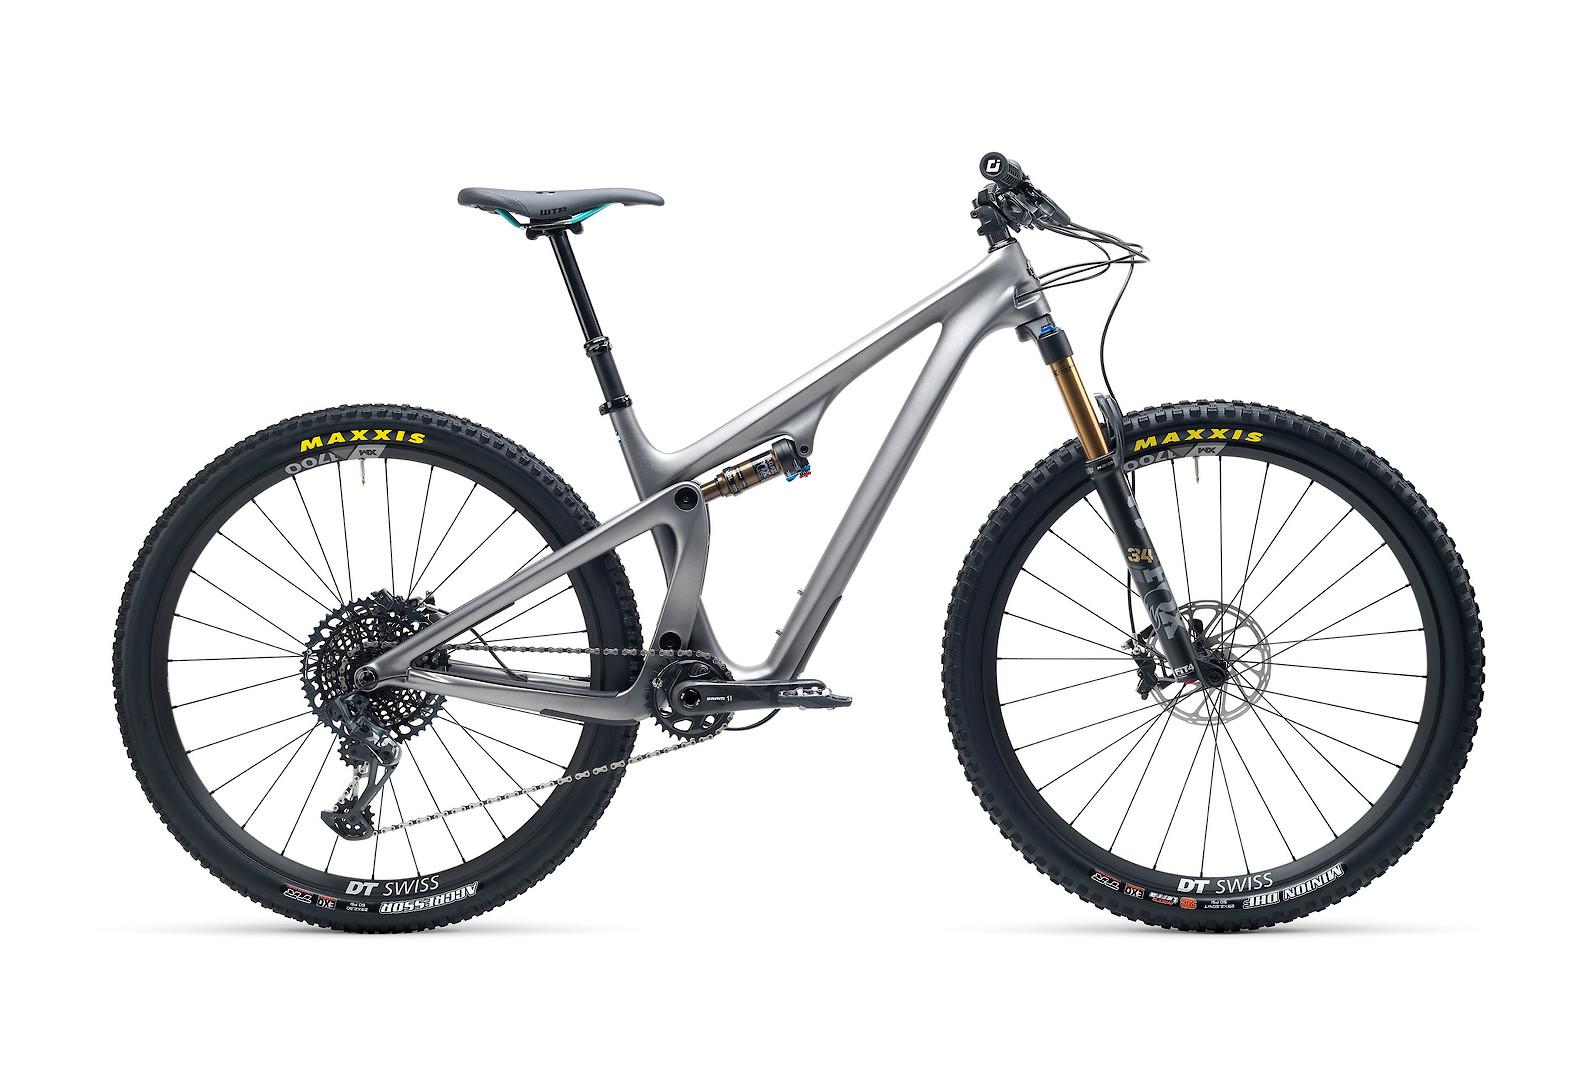 2021 Yeti SB115 – Anthracite (T2 build)